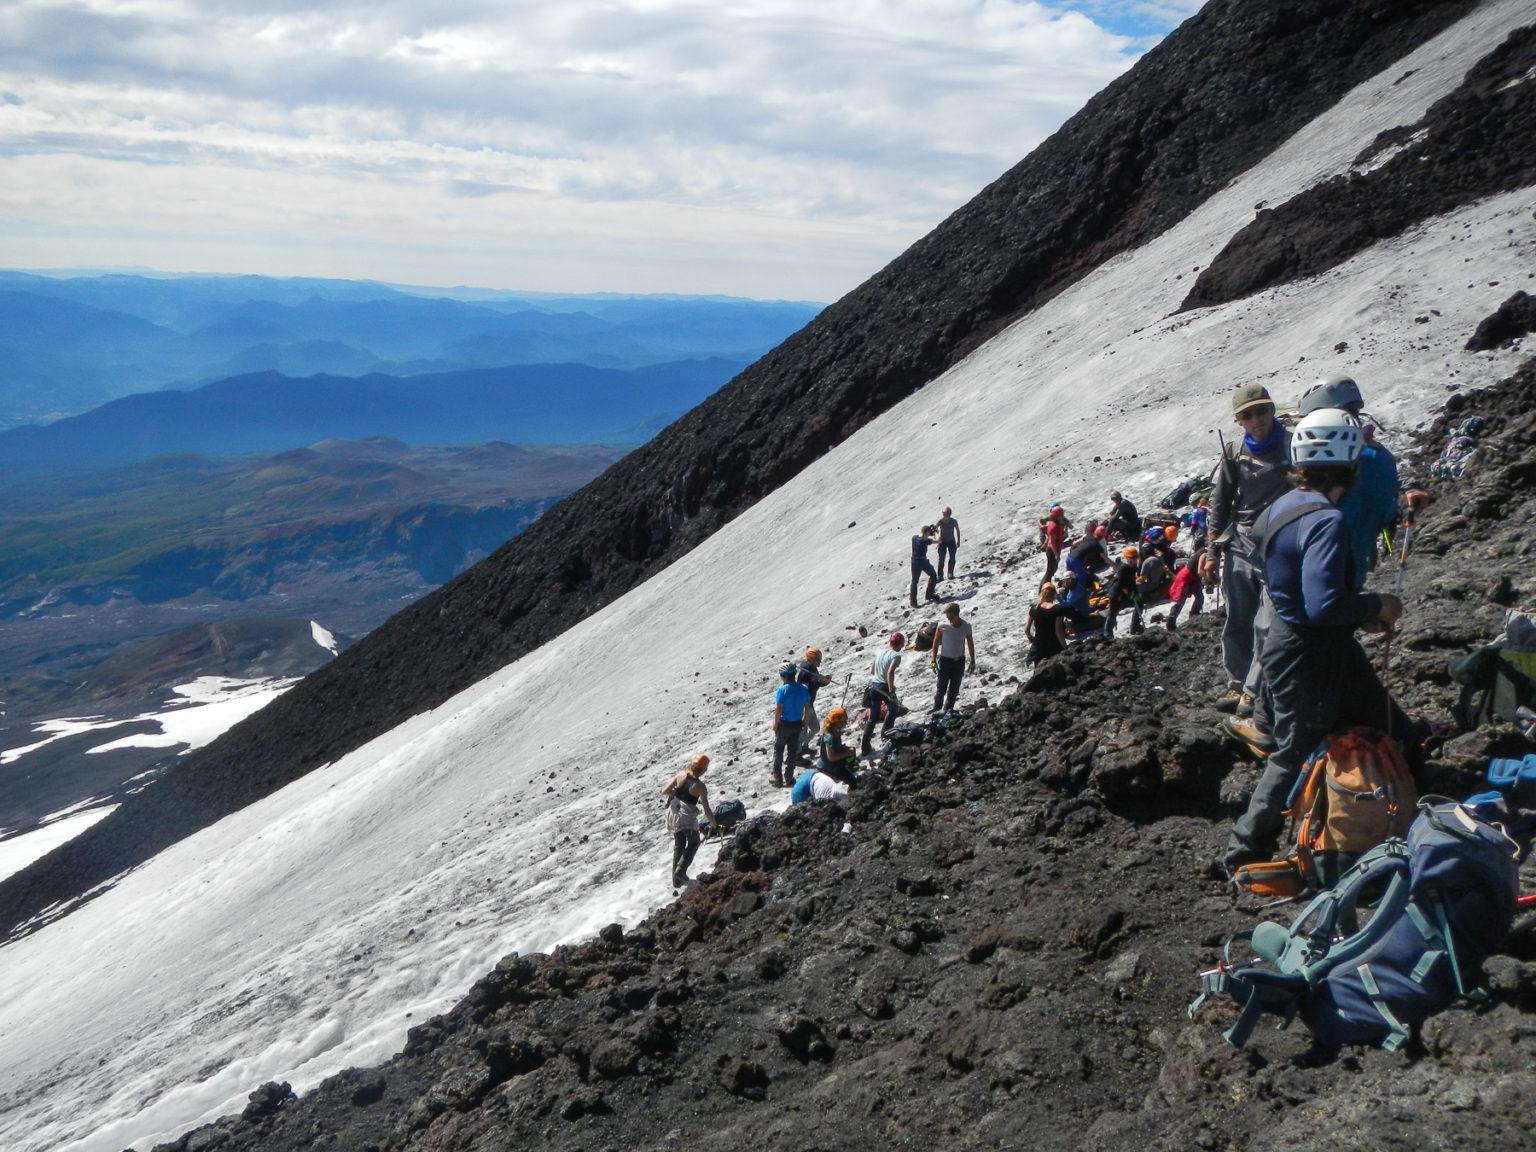 Es geht steil über die Lavafelder und Schnee hinauf